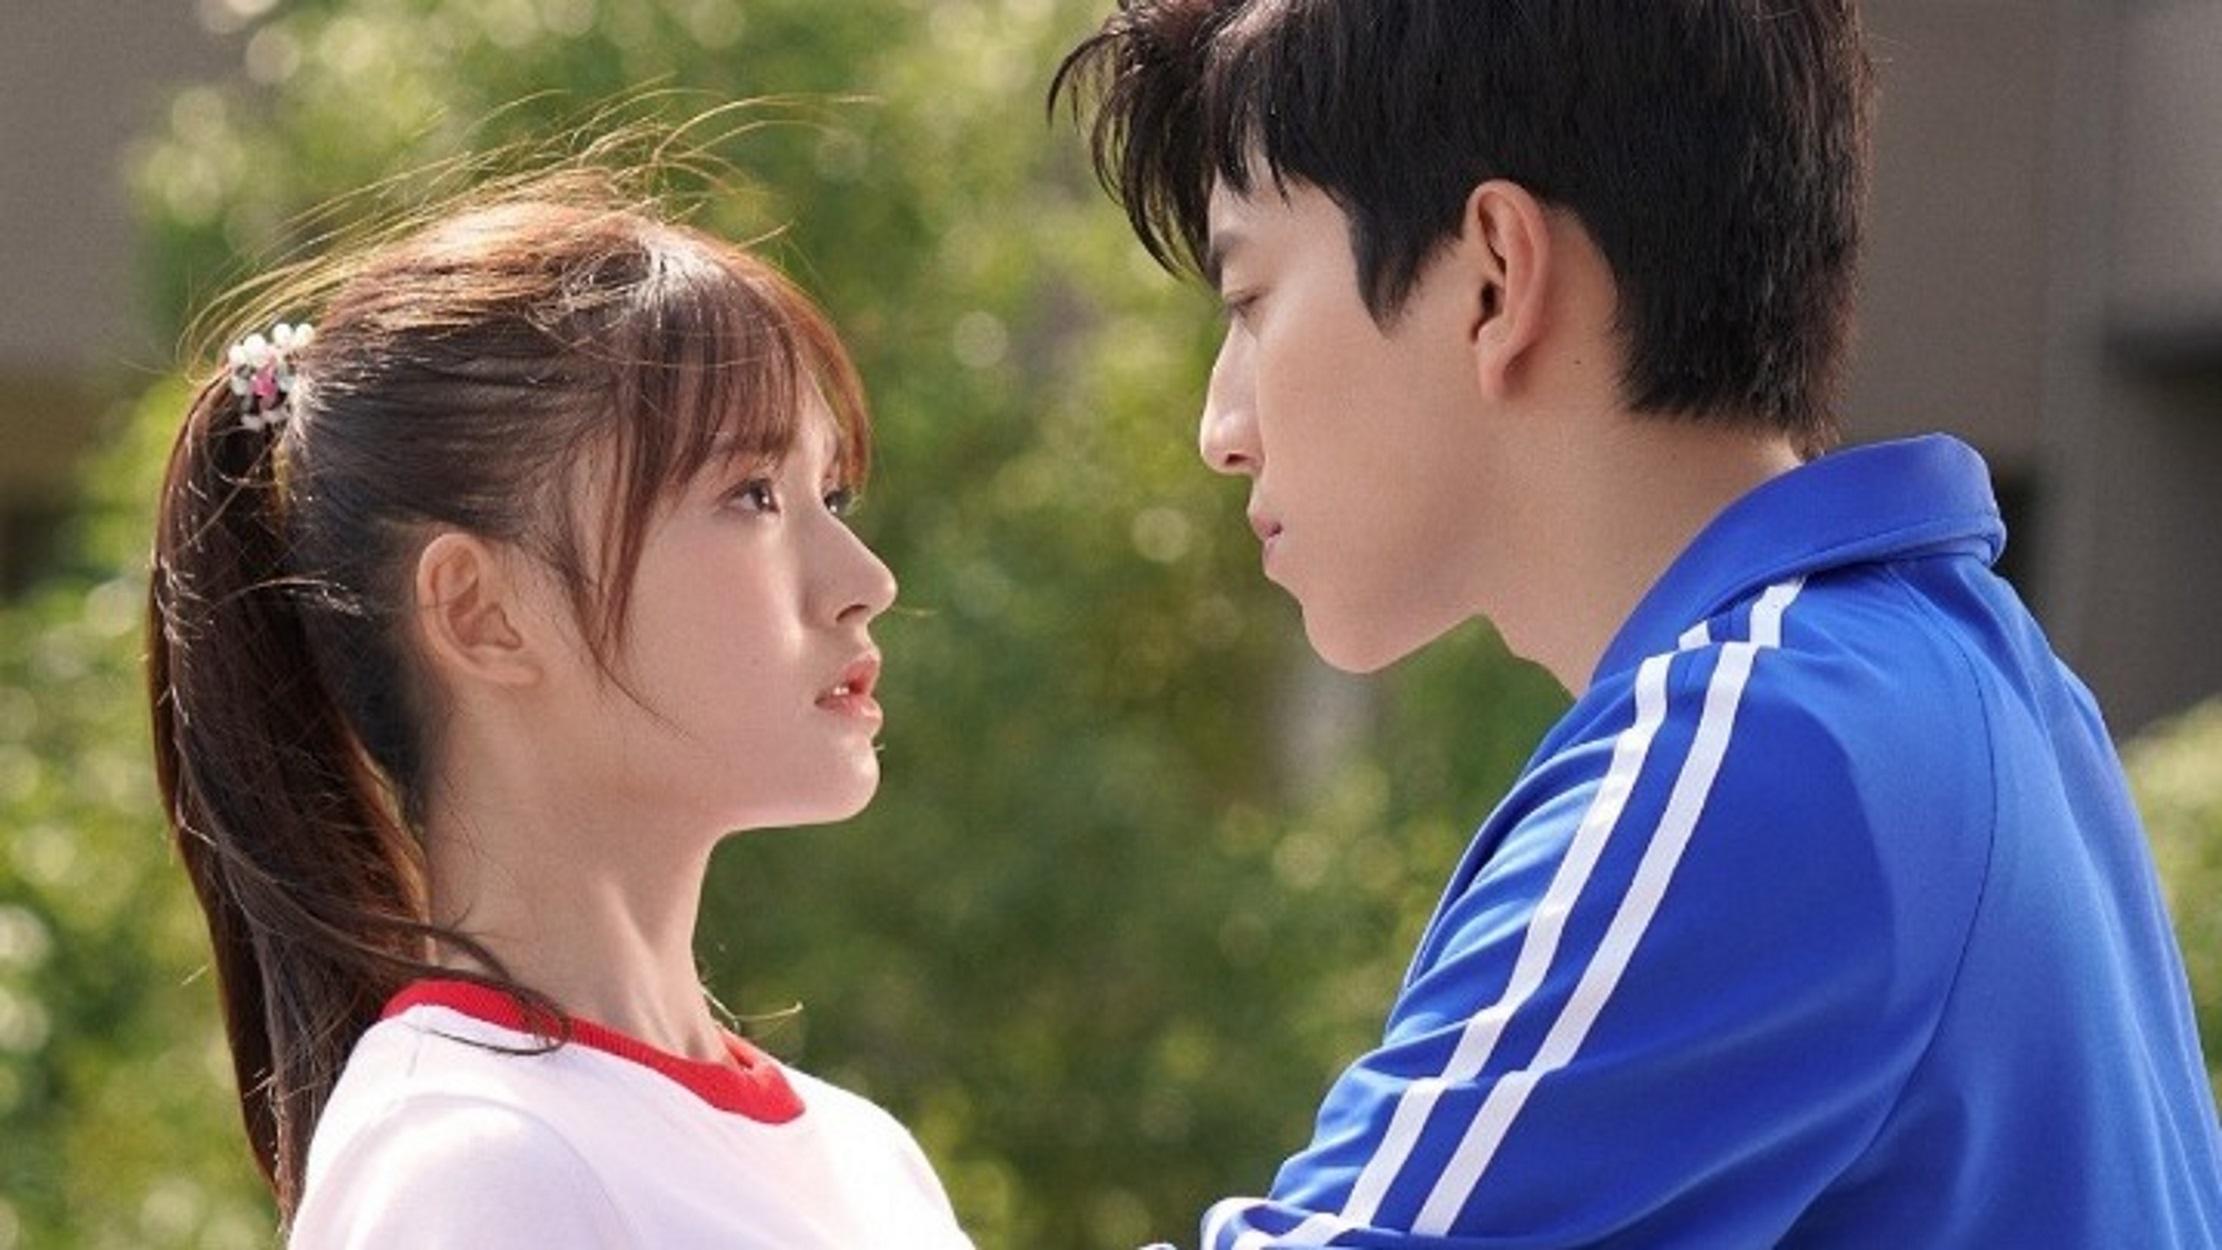 Τόκιο: Να φιλάτε μόνο τους συντρόφους σας παροτρύνουν οι ειδικοί